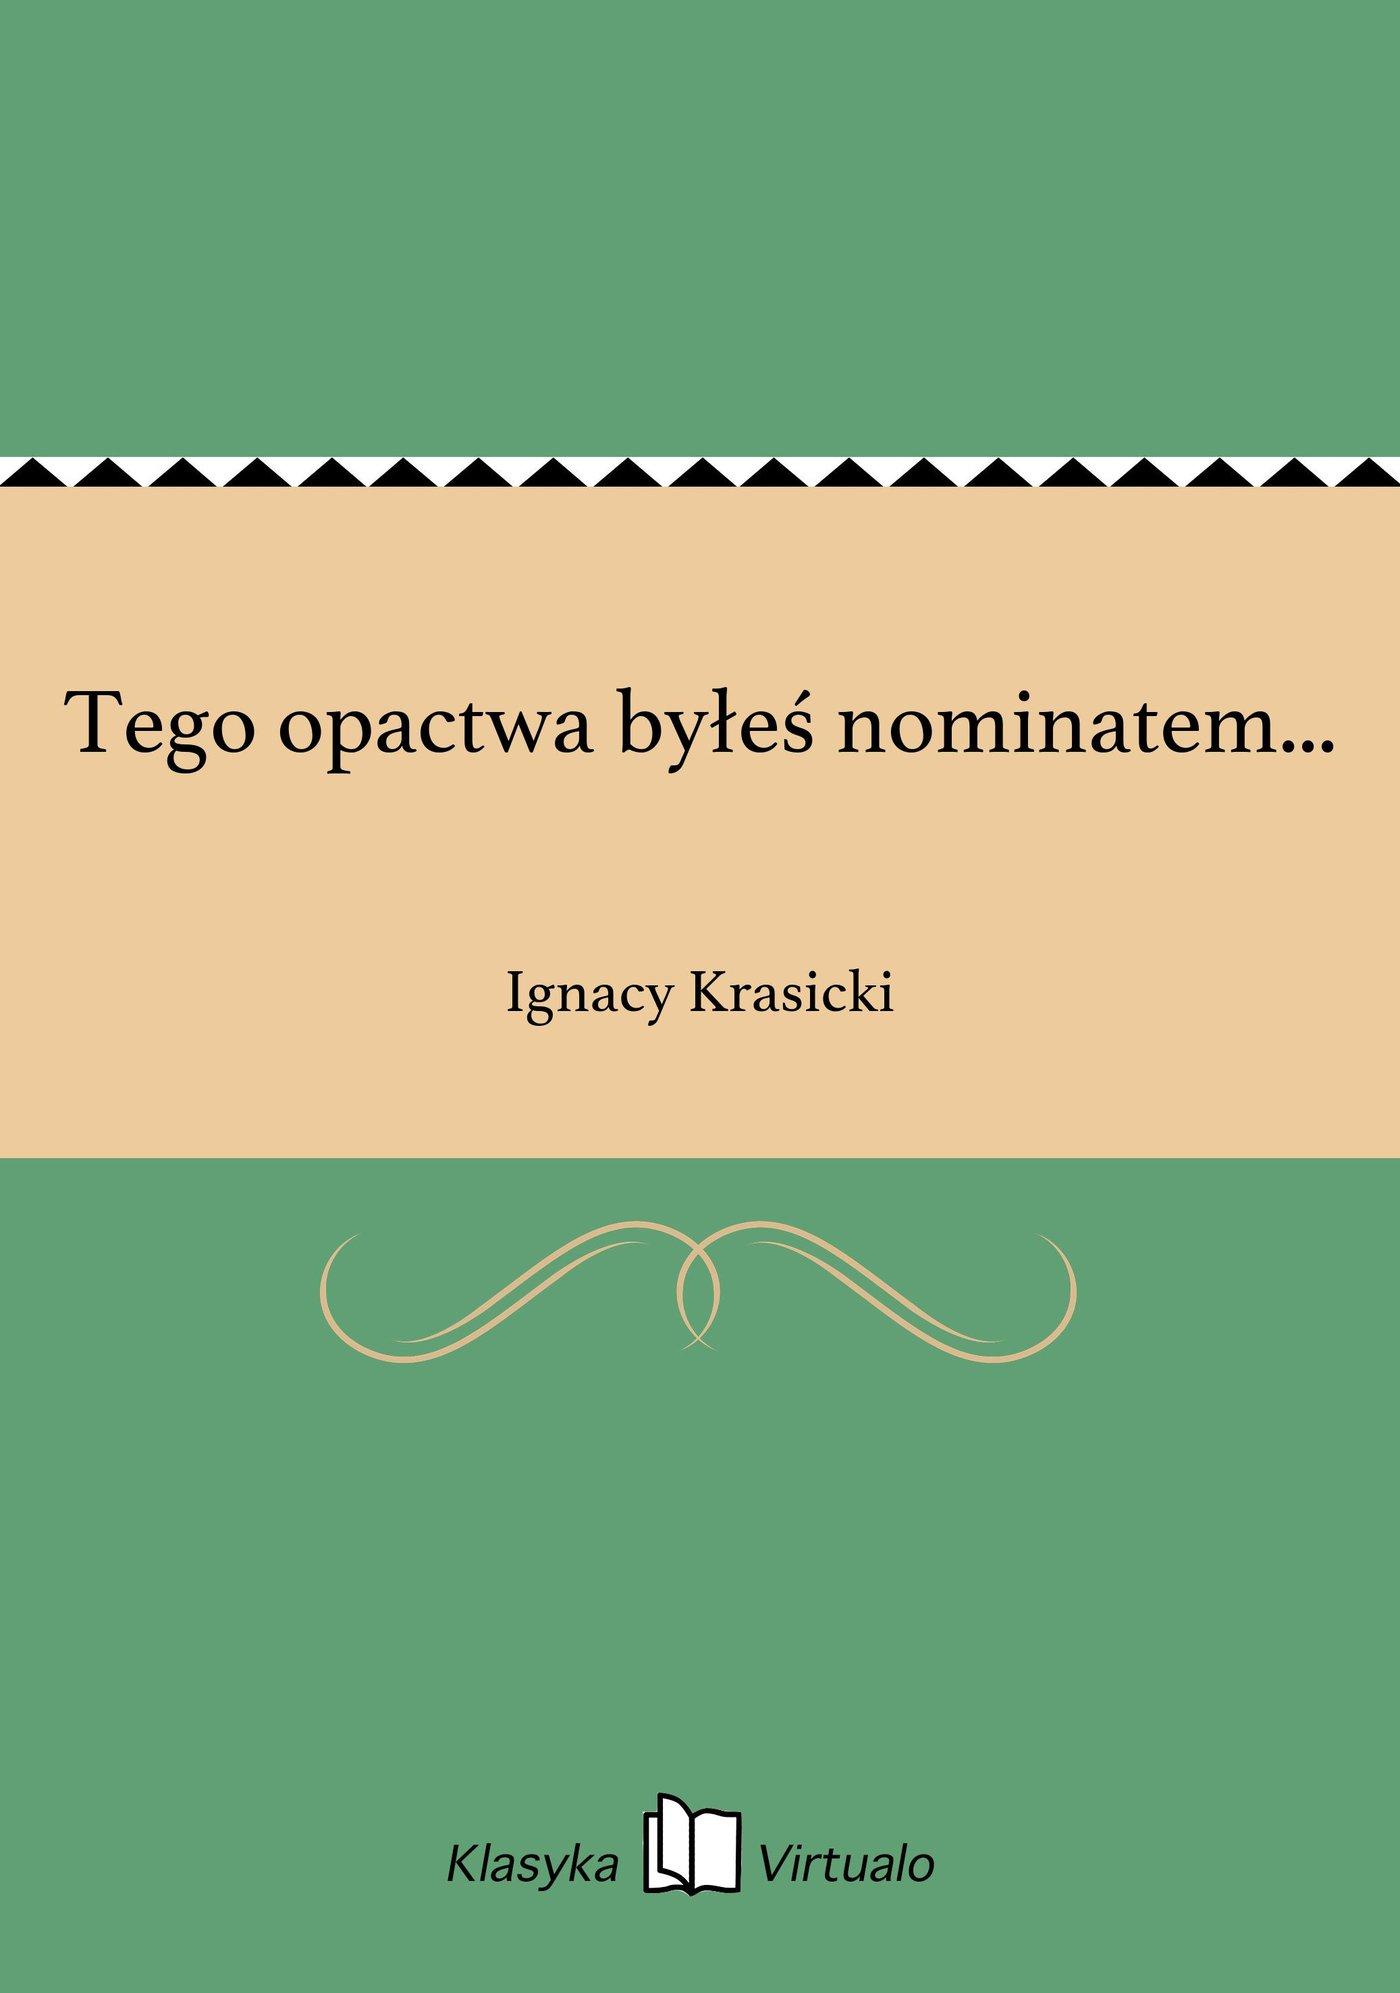 Tego opactwa byłeś nominatem... - Ebook (Książka EPUB) do pobrania w formacie EPUB